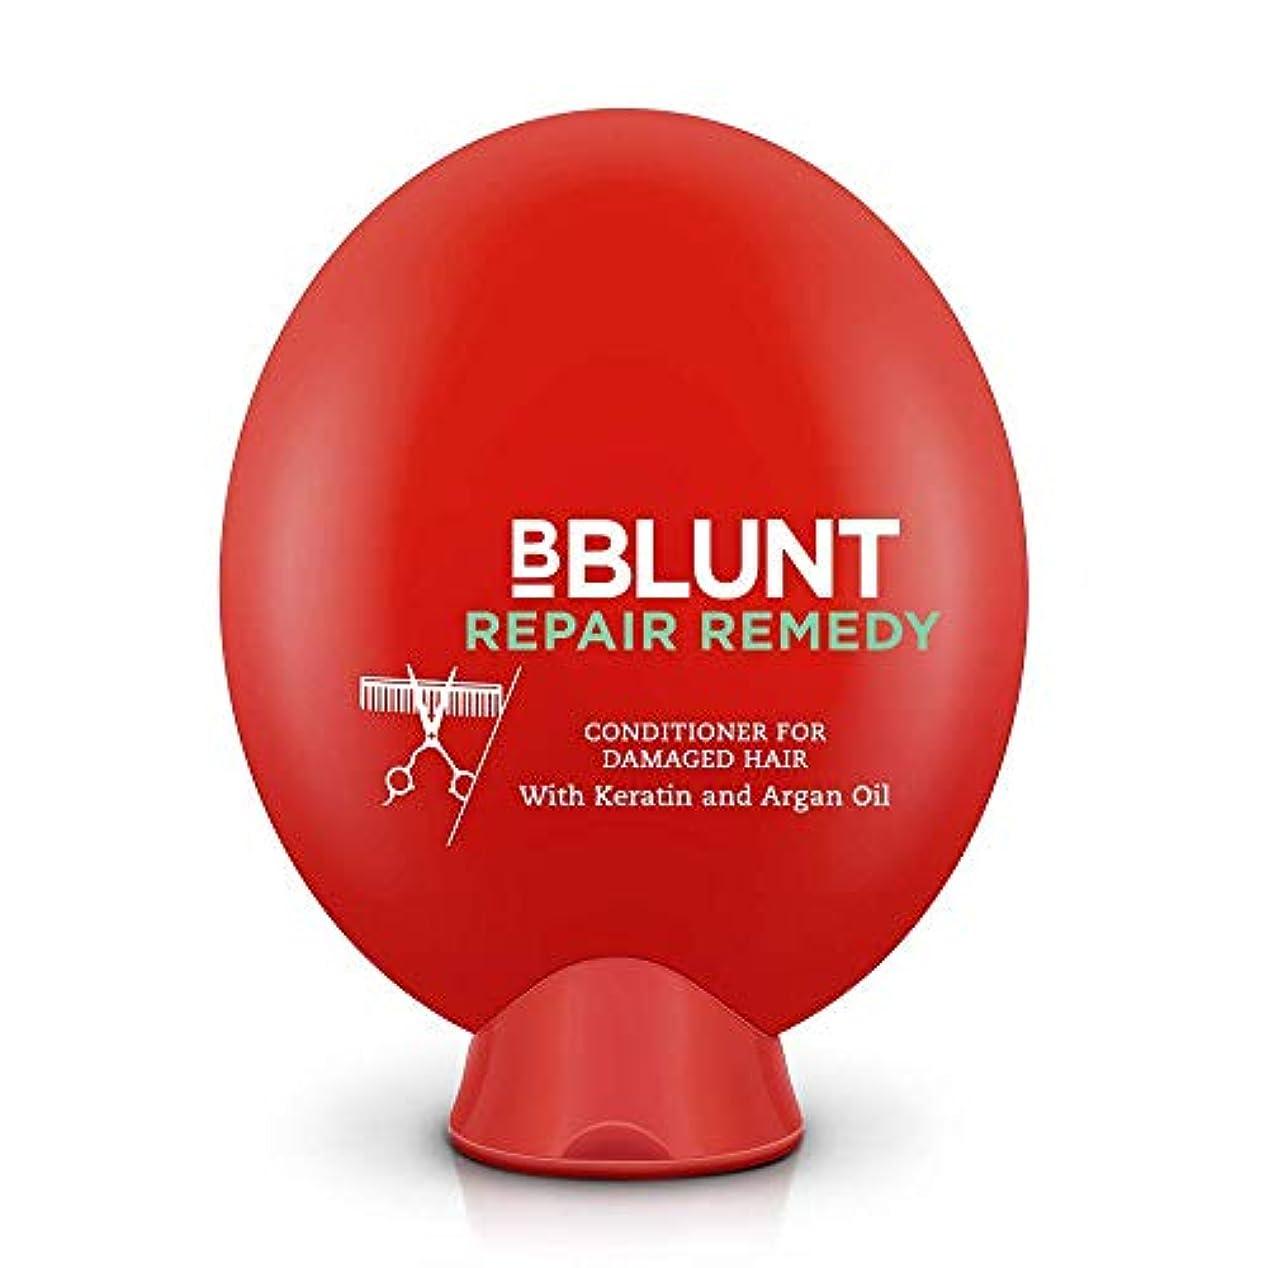 そよ風更新する背が高いBBLUNT Repair Remedy Conditioner for Damaged Hair, 200g (Keratin and Argan Oil)